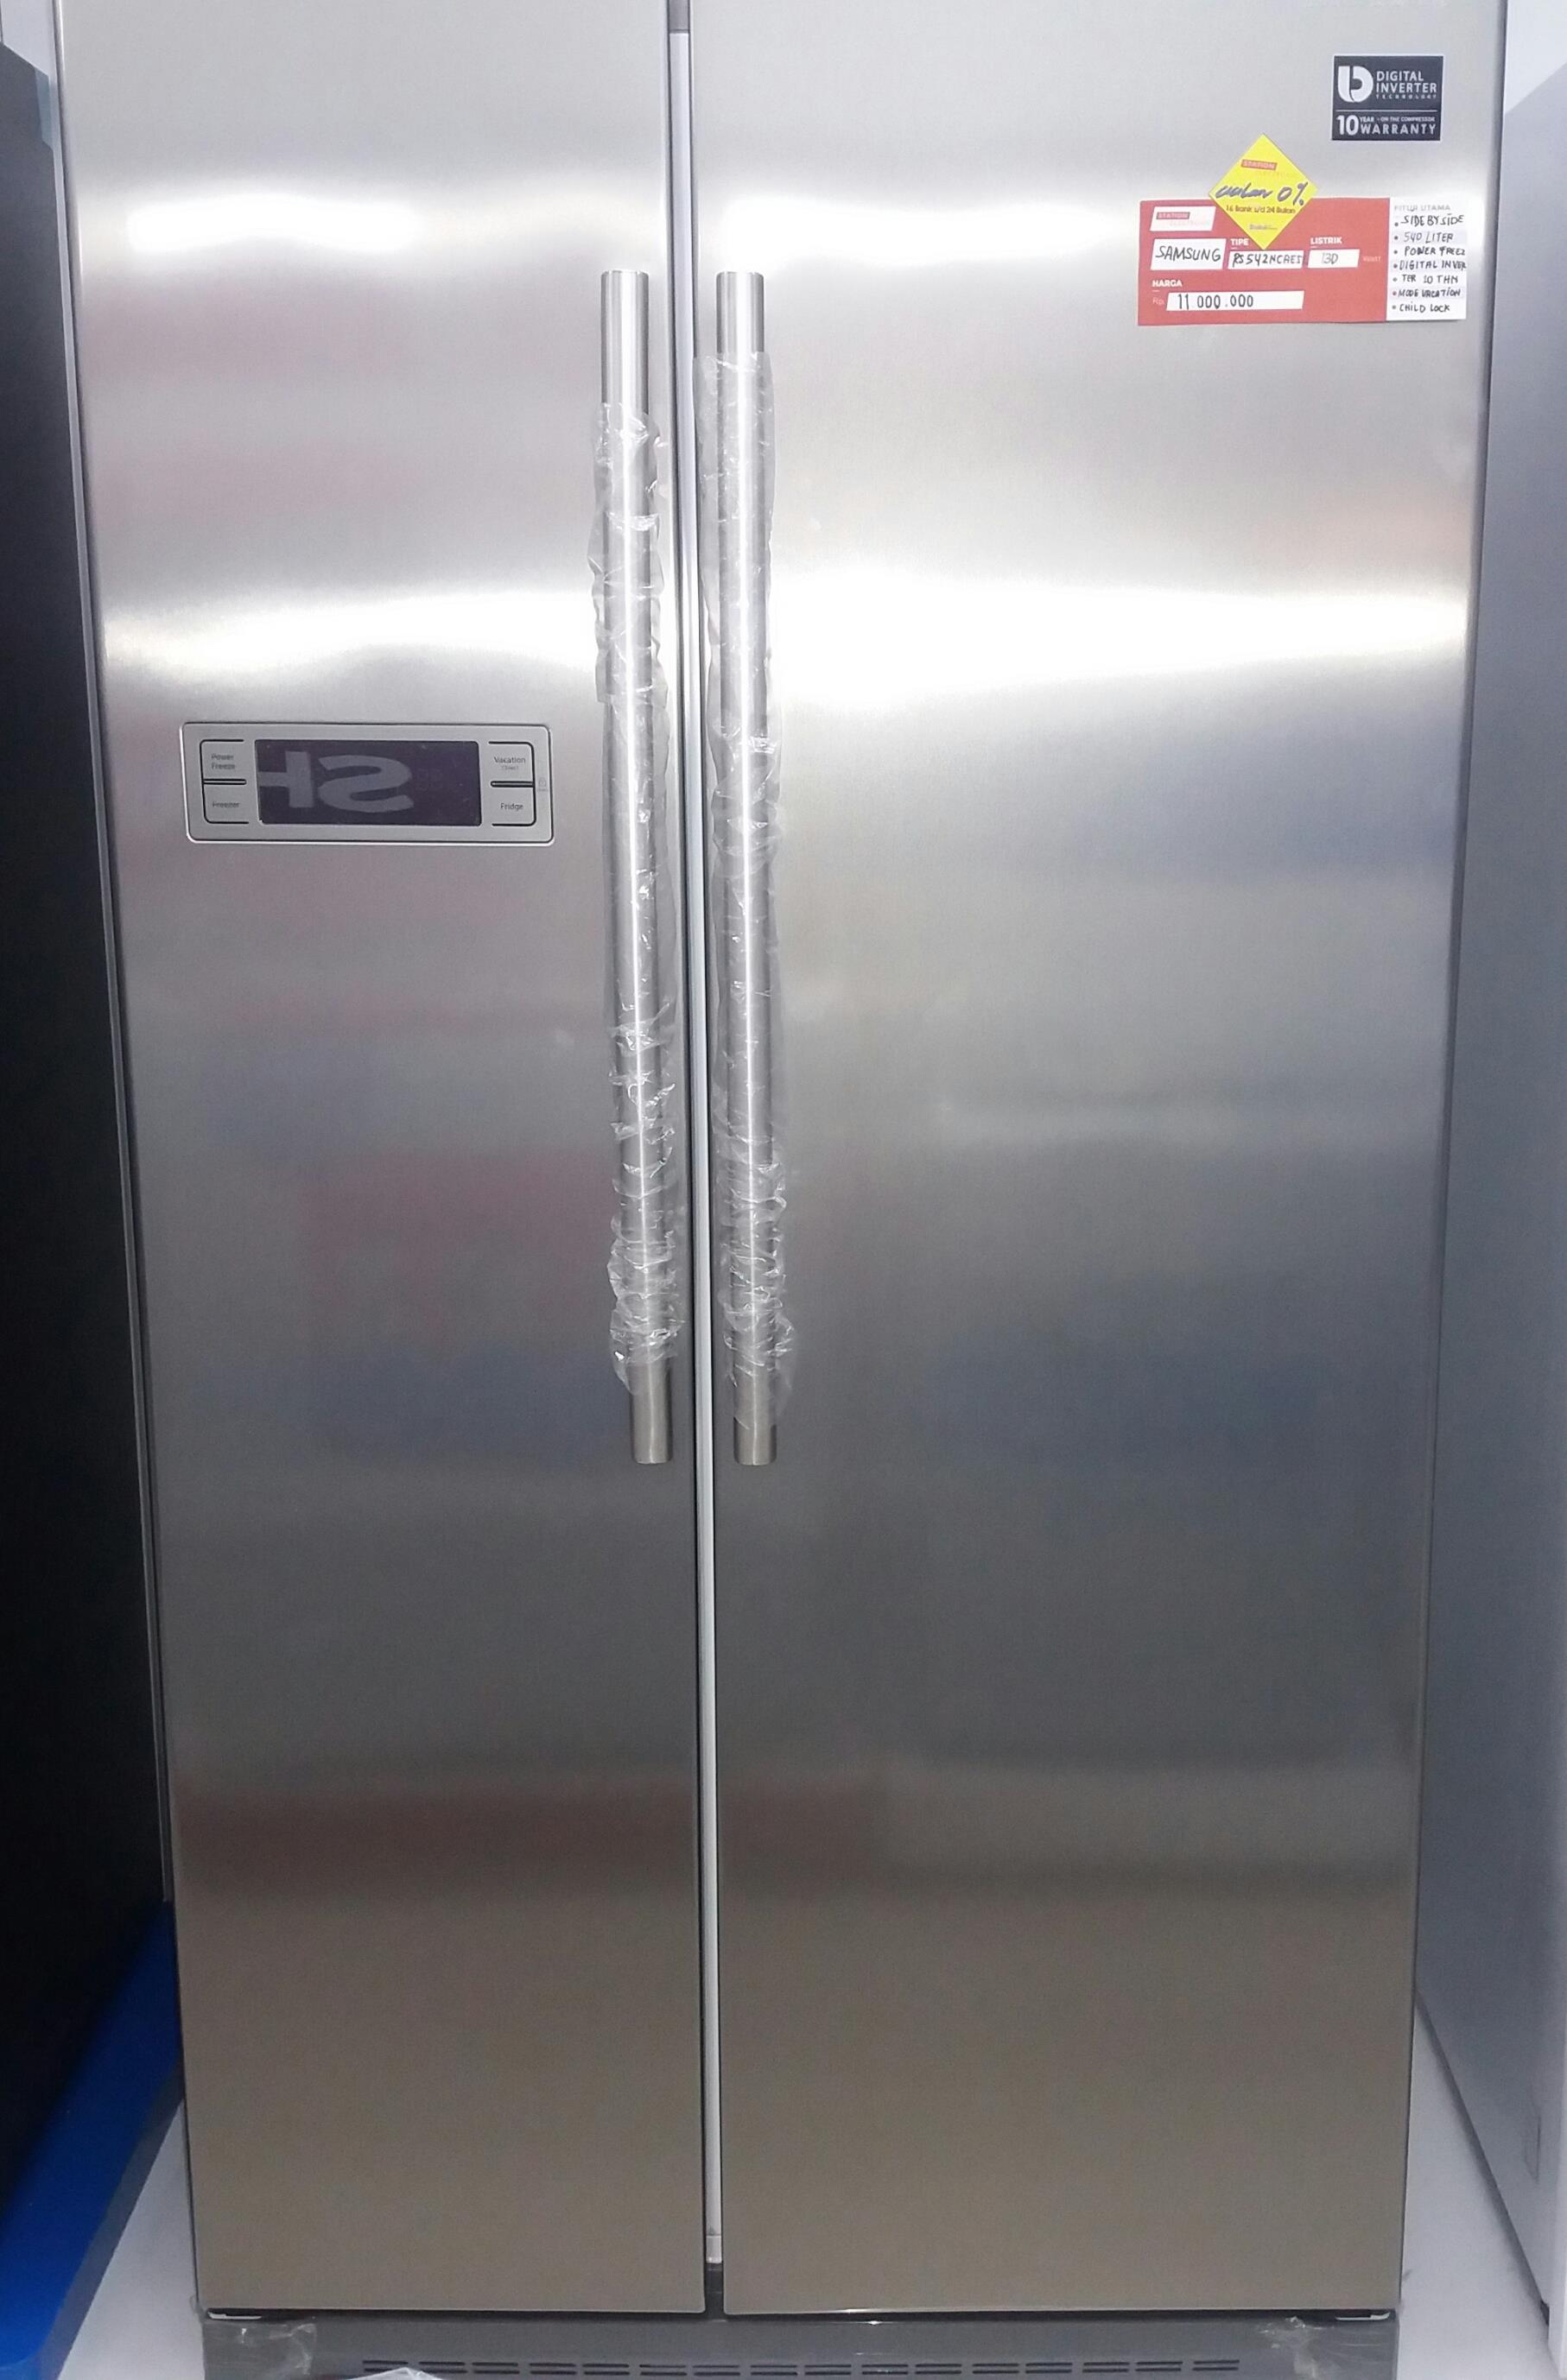 Jual Kulkas Inverter Samsung Welcome To 2 Pintu Rt20farwdsa 203l Silver Sell Side By Digital 540ltr